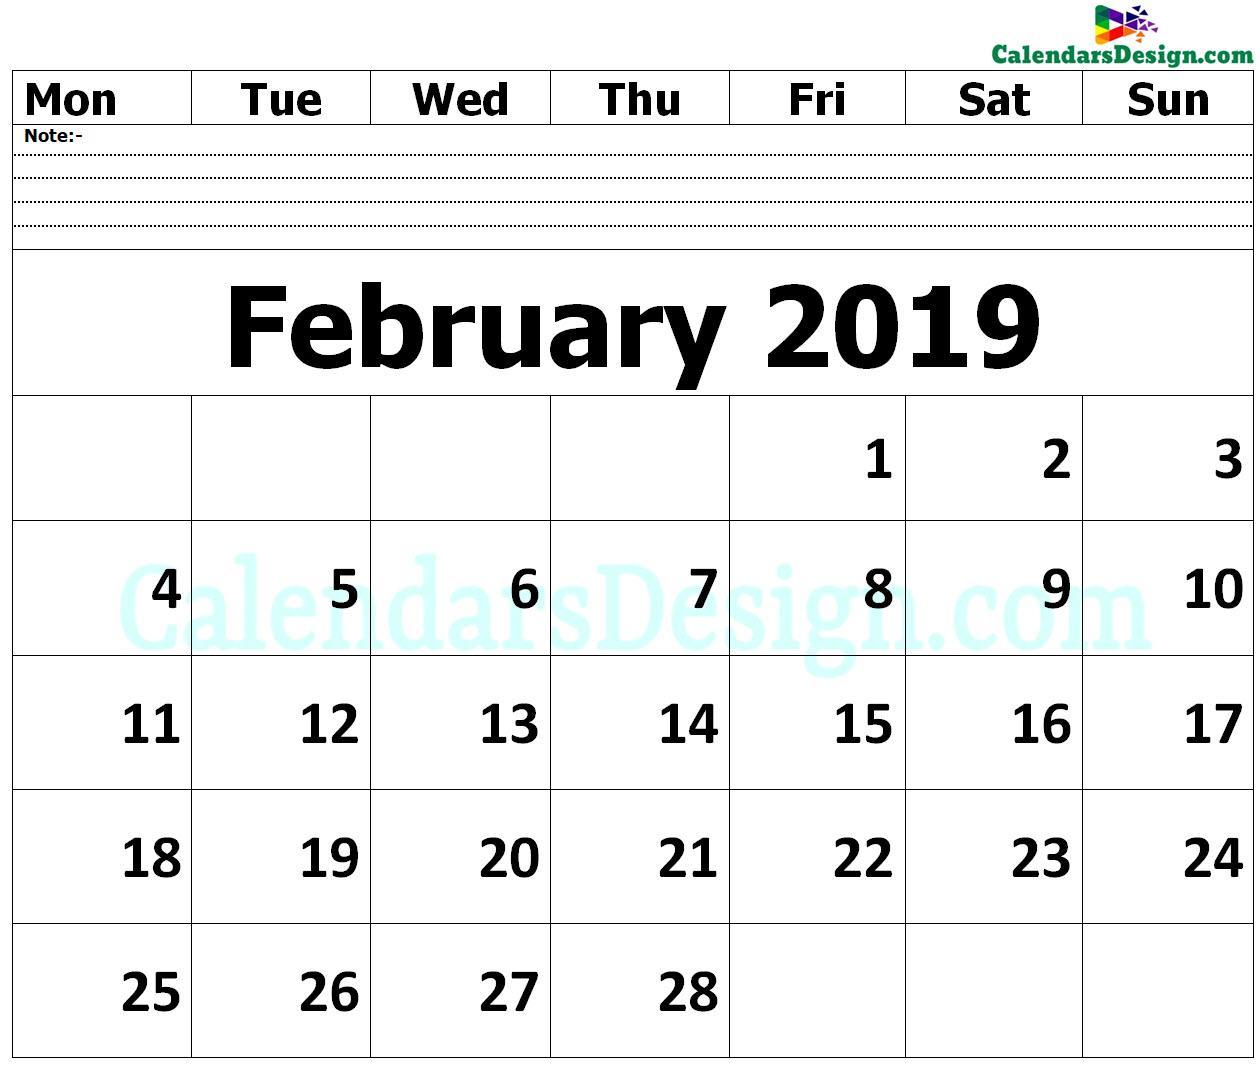 Editable February 2019 Calendar Blank Template